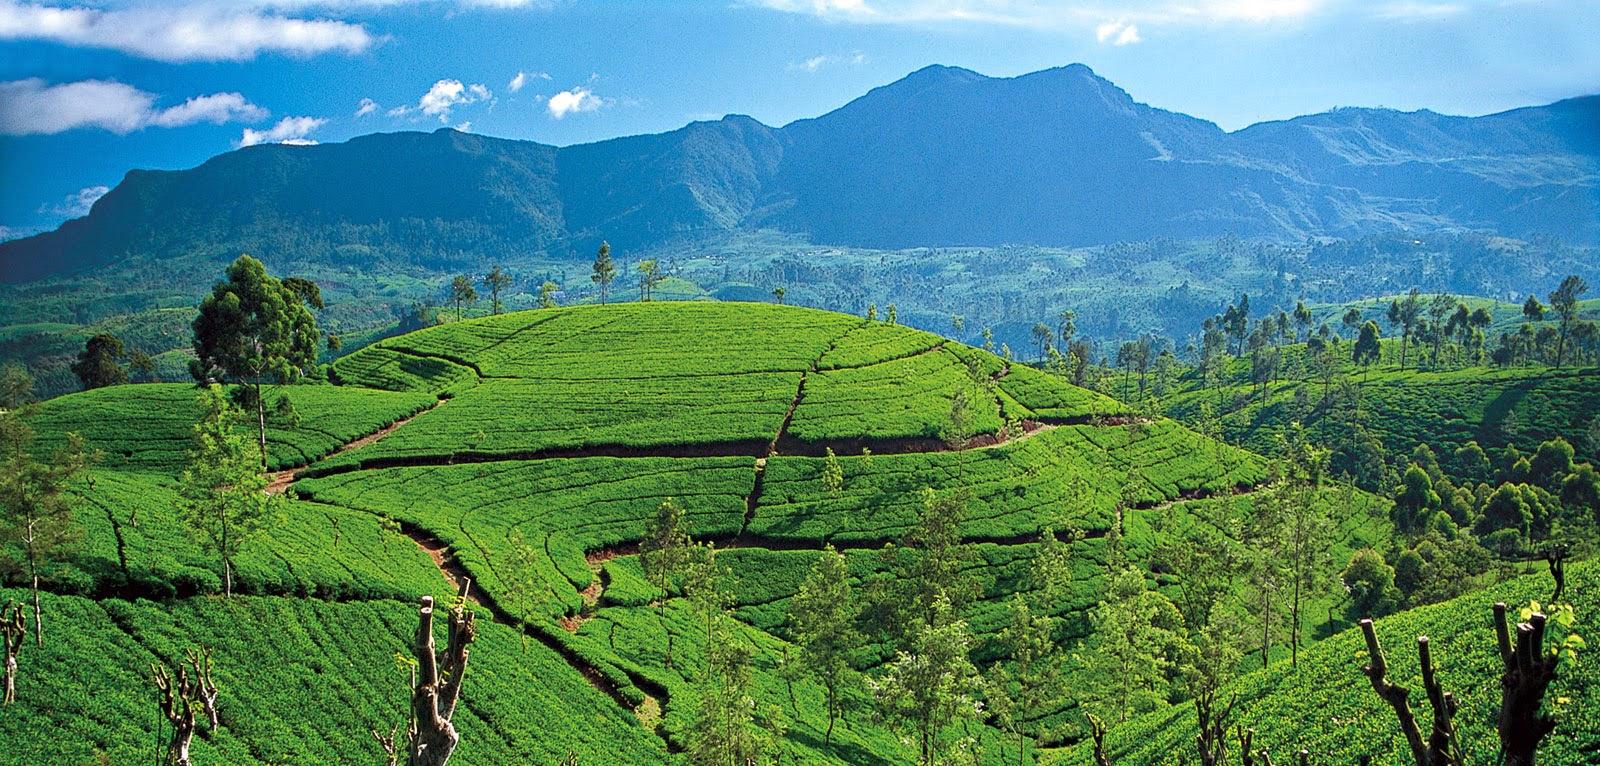 سريلانكا واحدة من البلاد الرائعة الجمال